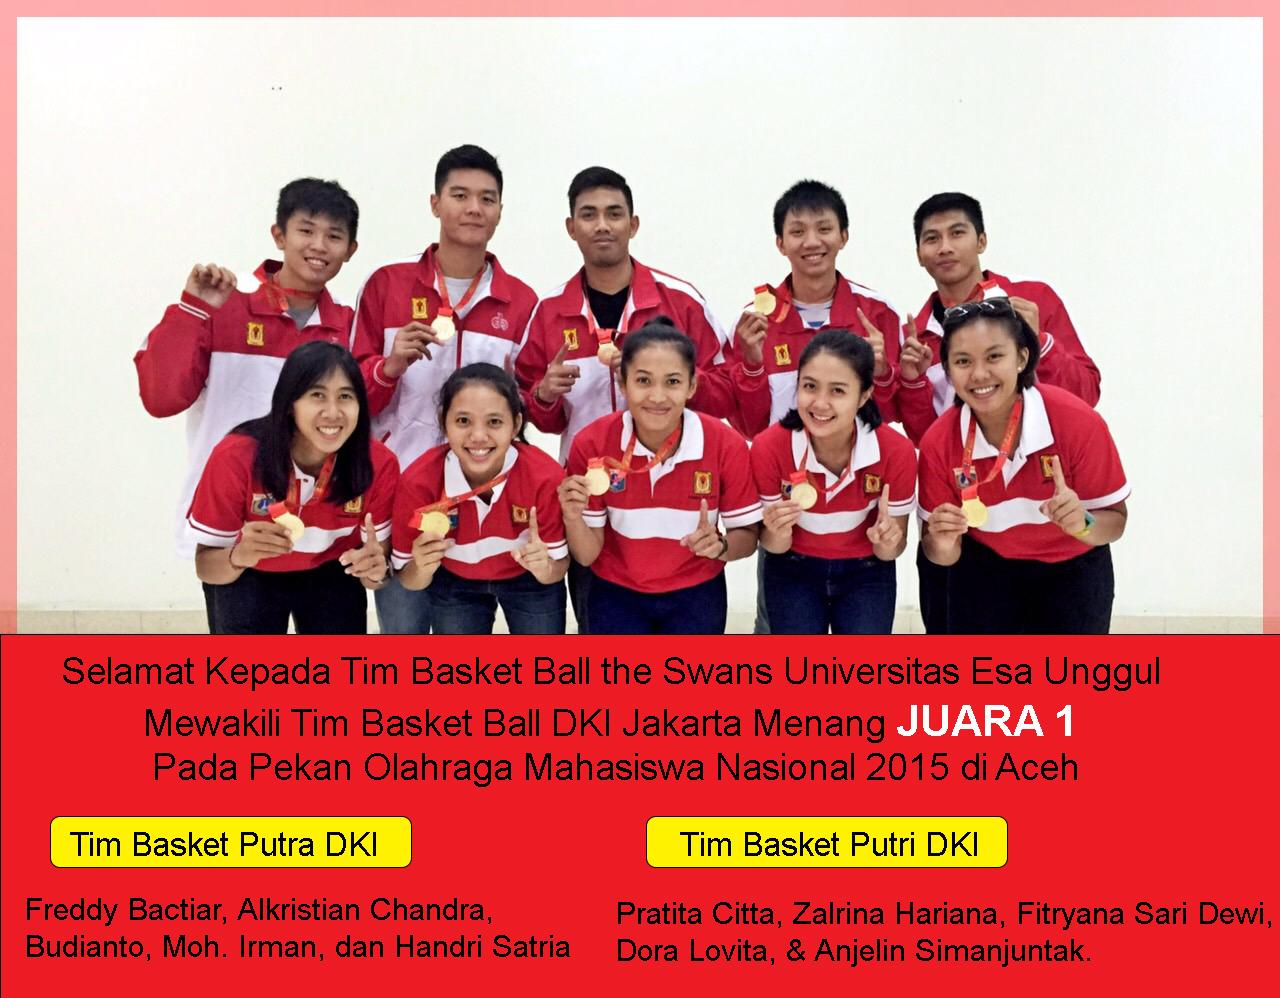 Juara 1 Basket Putra dan Putri pada Pekan Olahraga Mahasiswa Nasional 2015 di Aceh